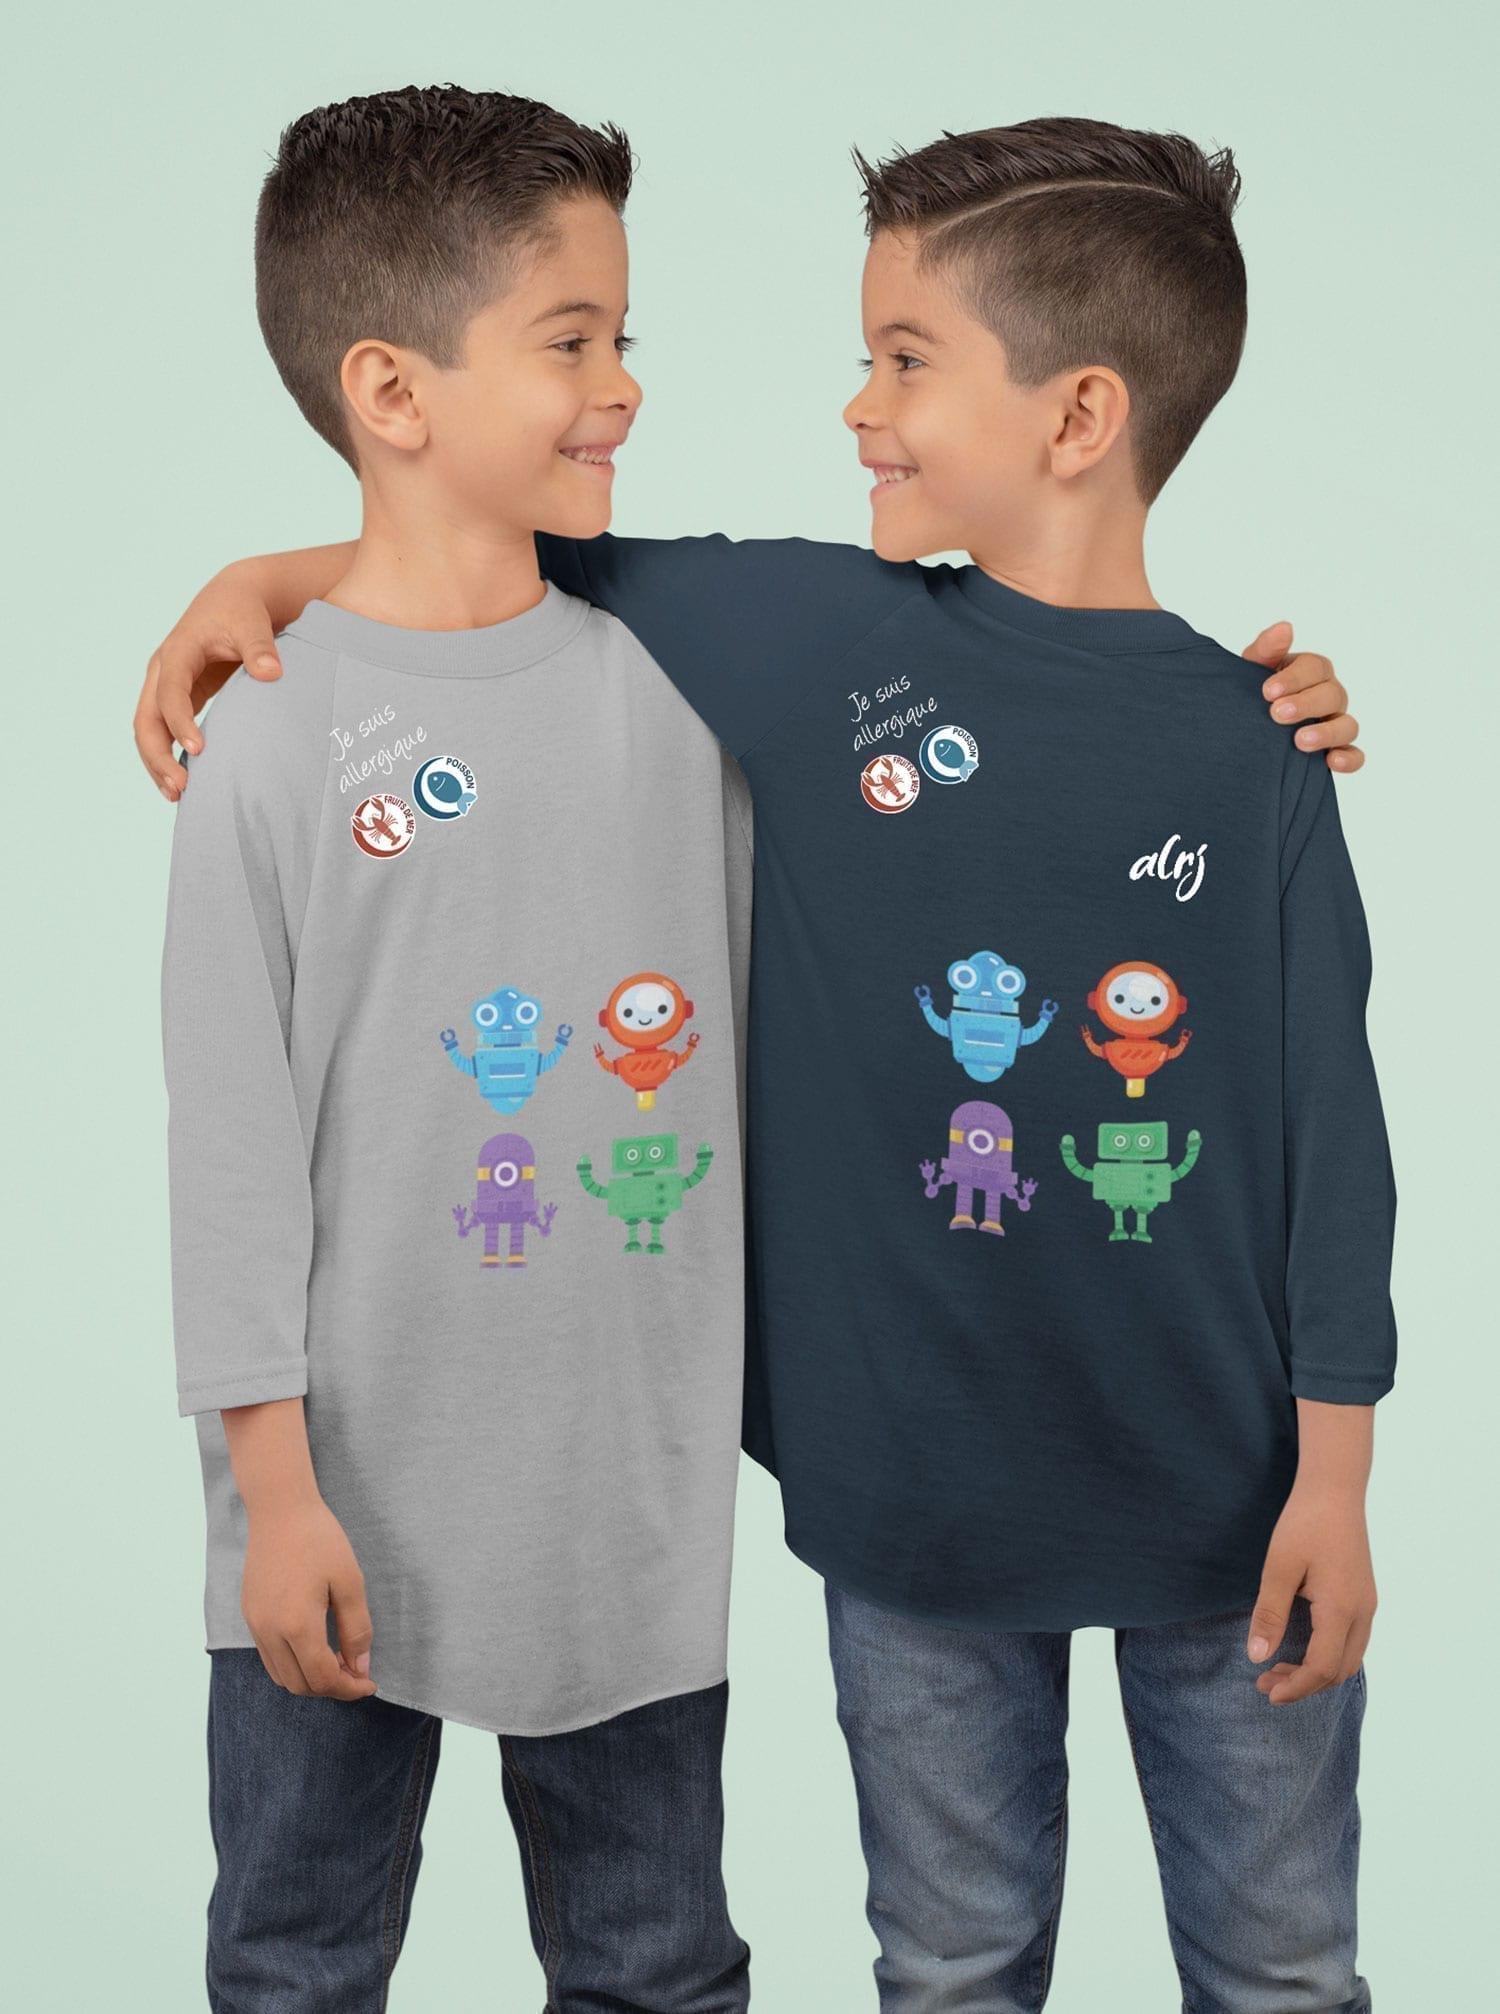 freres jumeaux allergiques portant des t-shirts alrj avec leurs allergies alimentaires